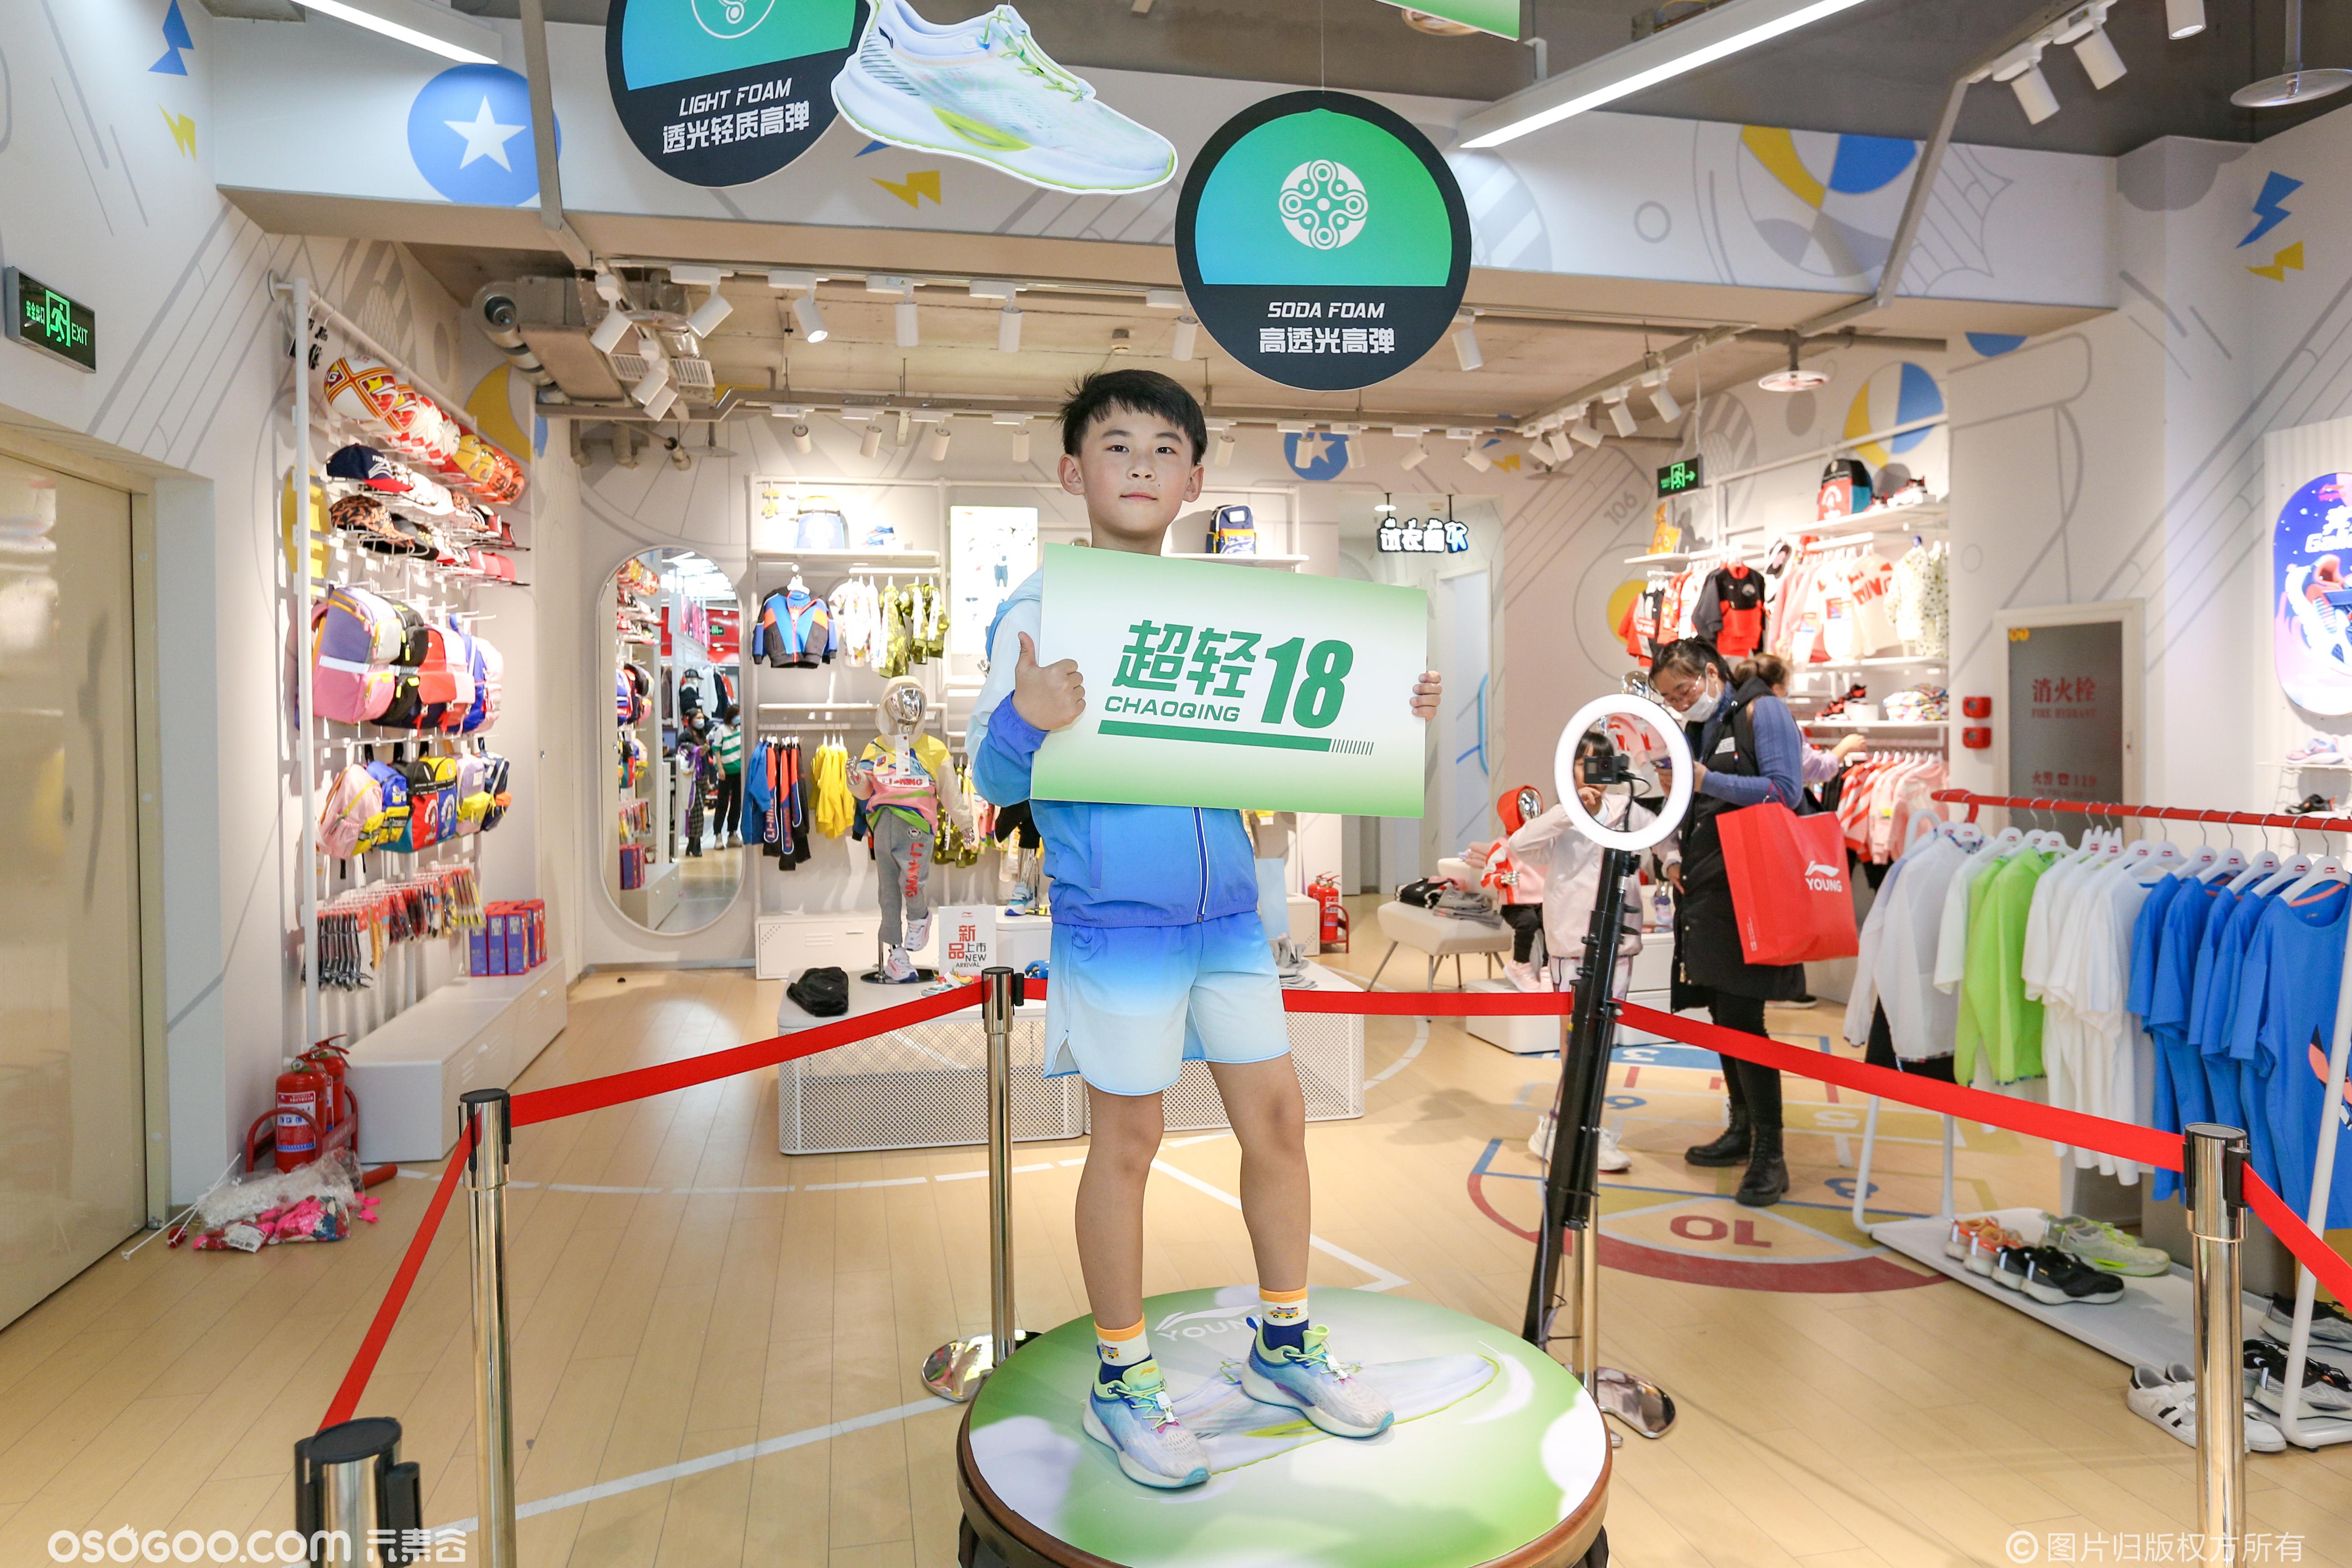 北京-新燕莎购物中心 李宁专卖店-子弹时间慢动作360度环拍